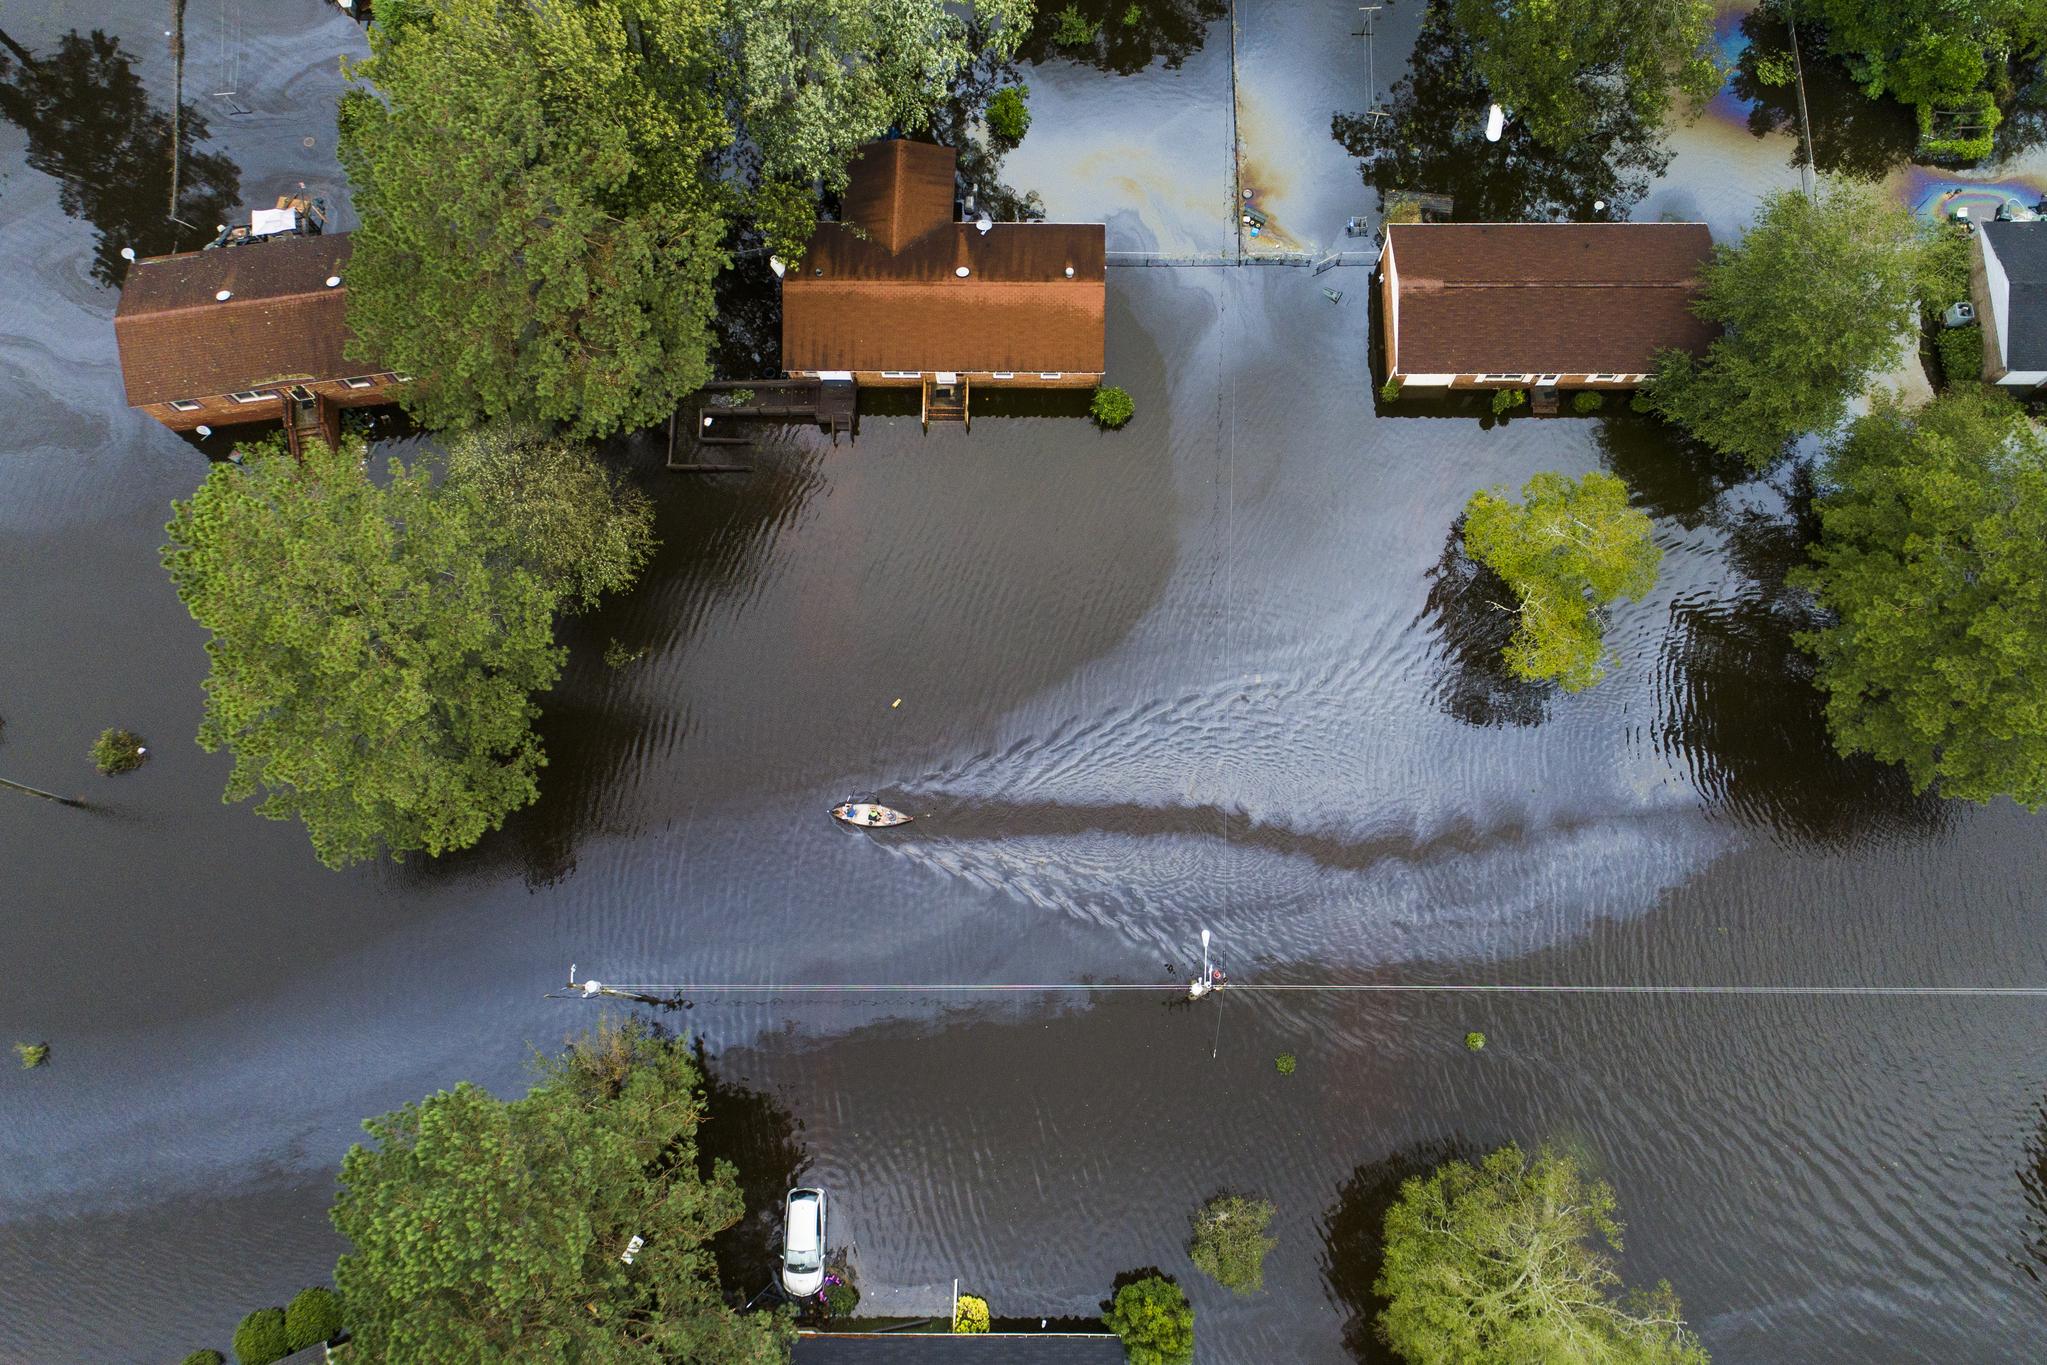 노스캐롤라이나 뉴번 지역의 주택가가 폭우로 잠겨있다. [EPA=연합뉴스]